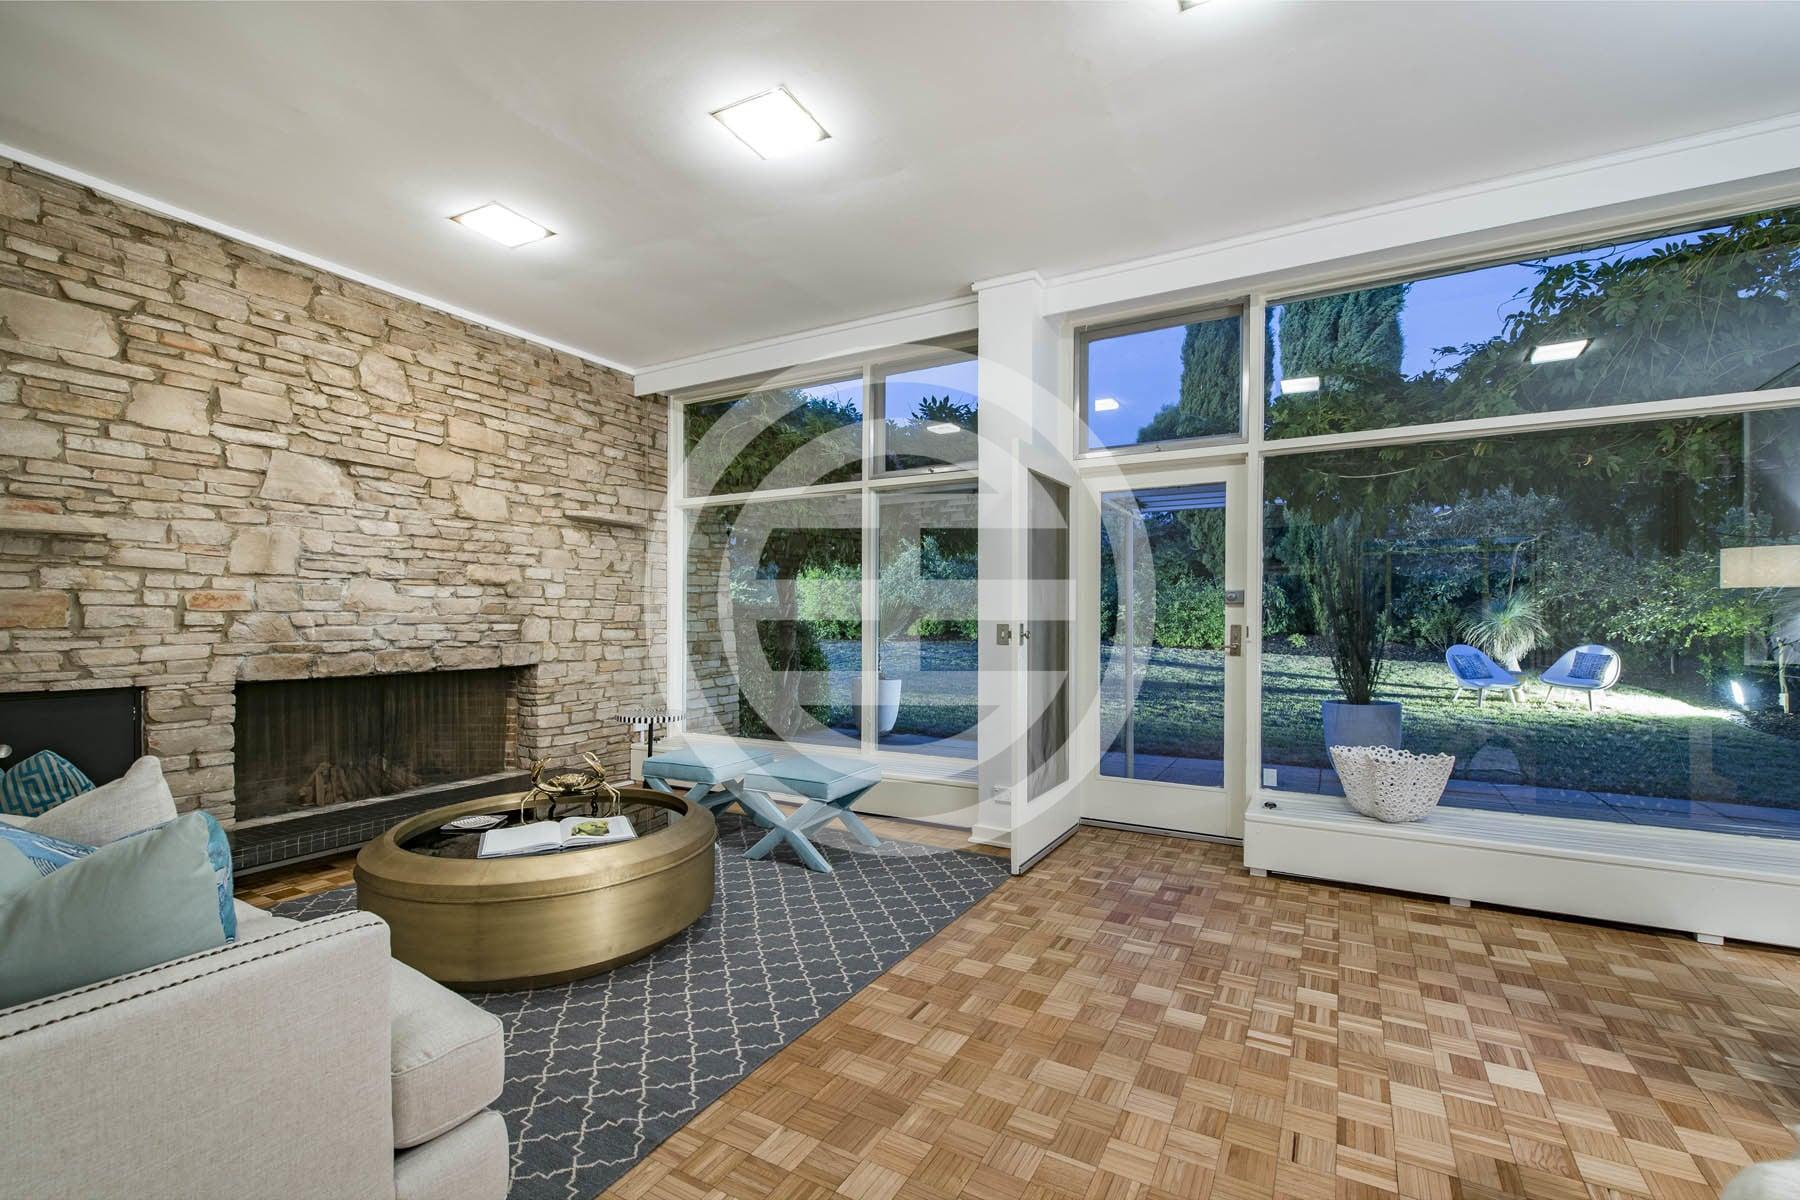 位于堪培拉使馆区内一处绿荫地段的住宅,拥有居高临下的视野,面积高达2,310平方米,带有6卧4卫和私人花园。物业编号:37444512